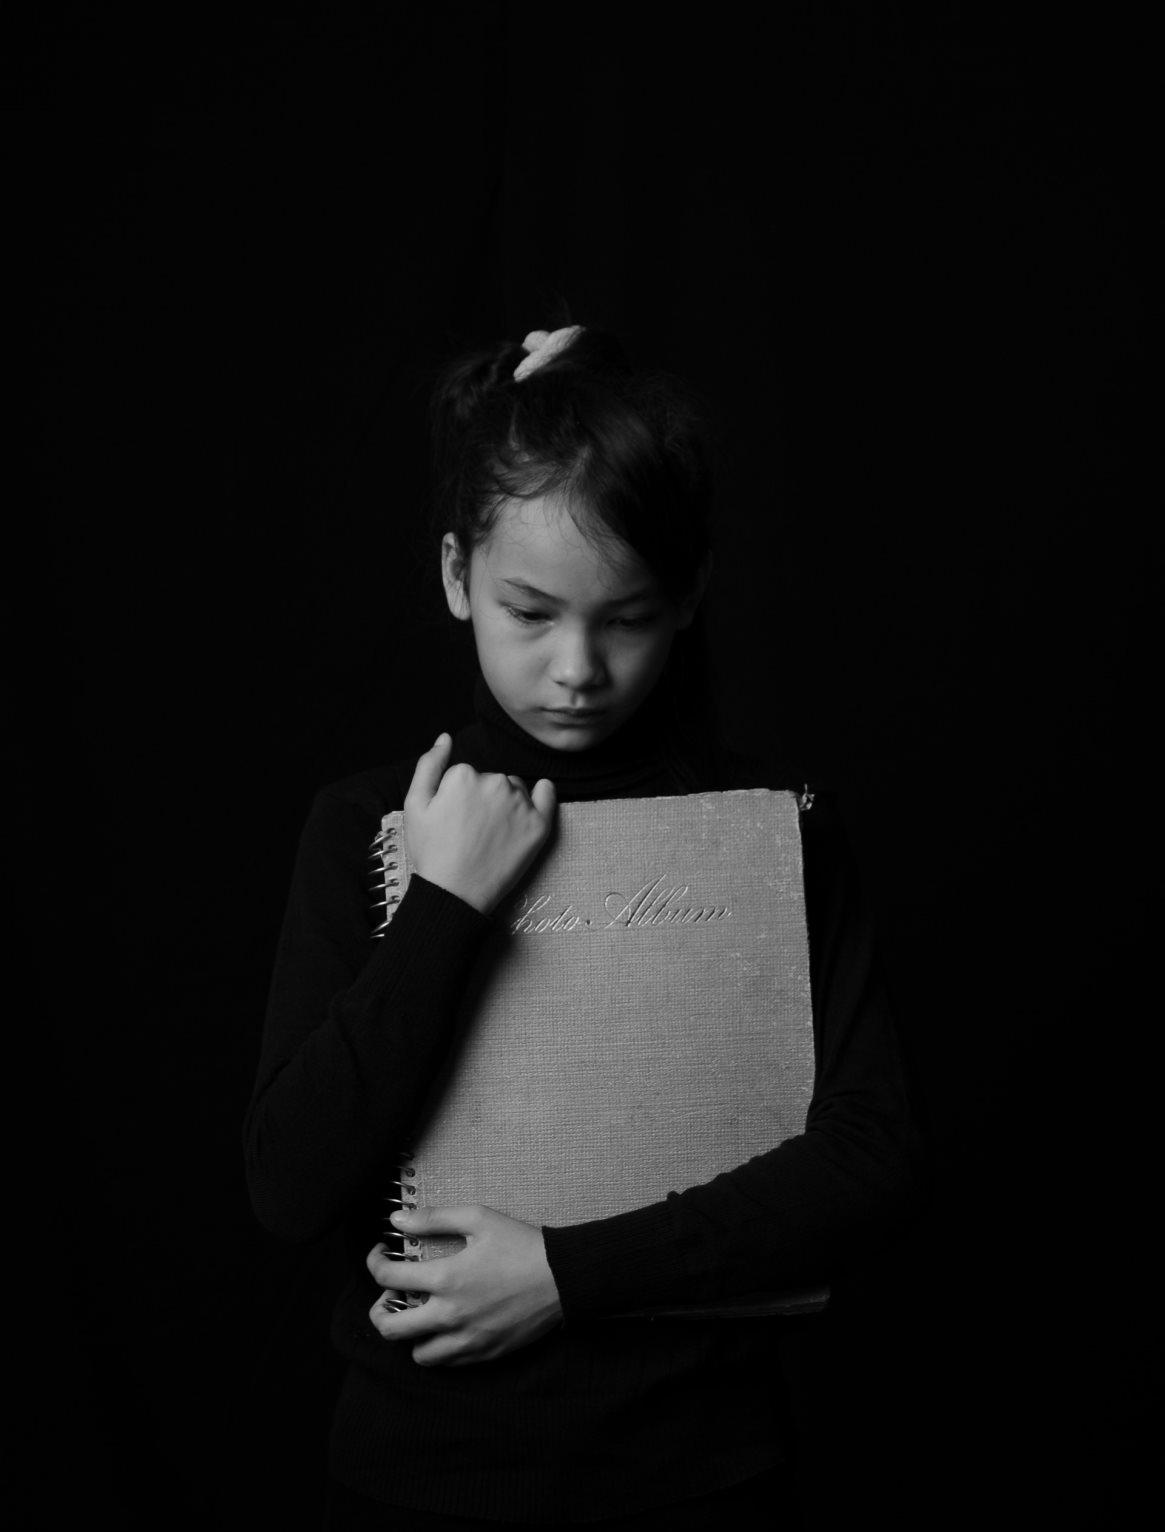 Τηλεοπτικό spot για την πρόληψη της βίας προς τα παιδιά